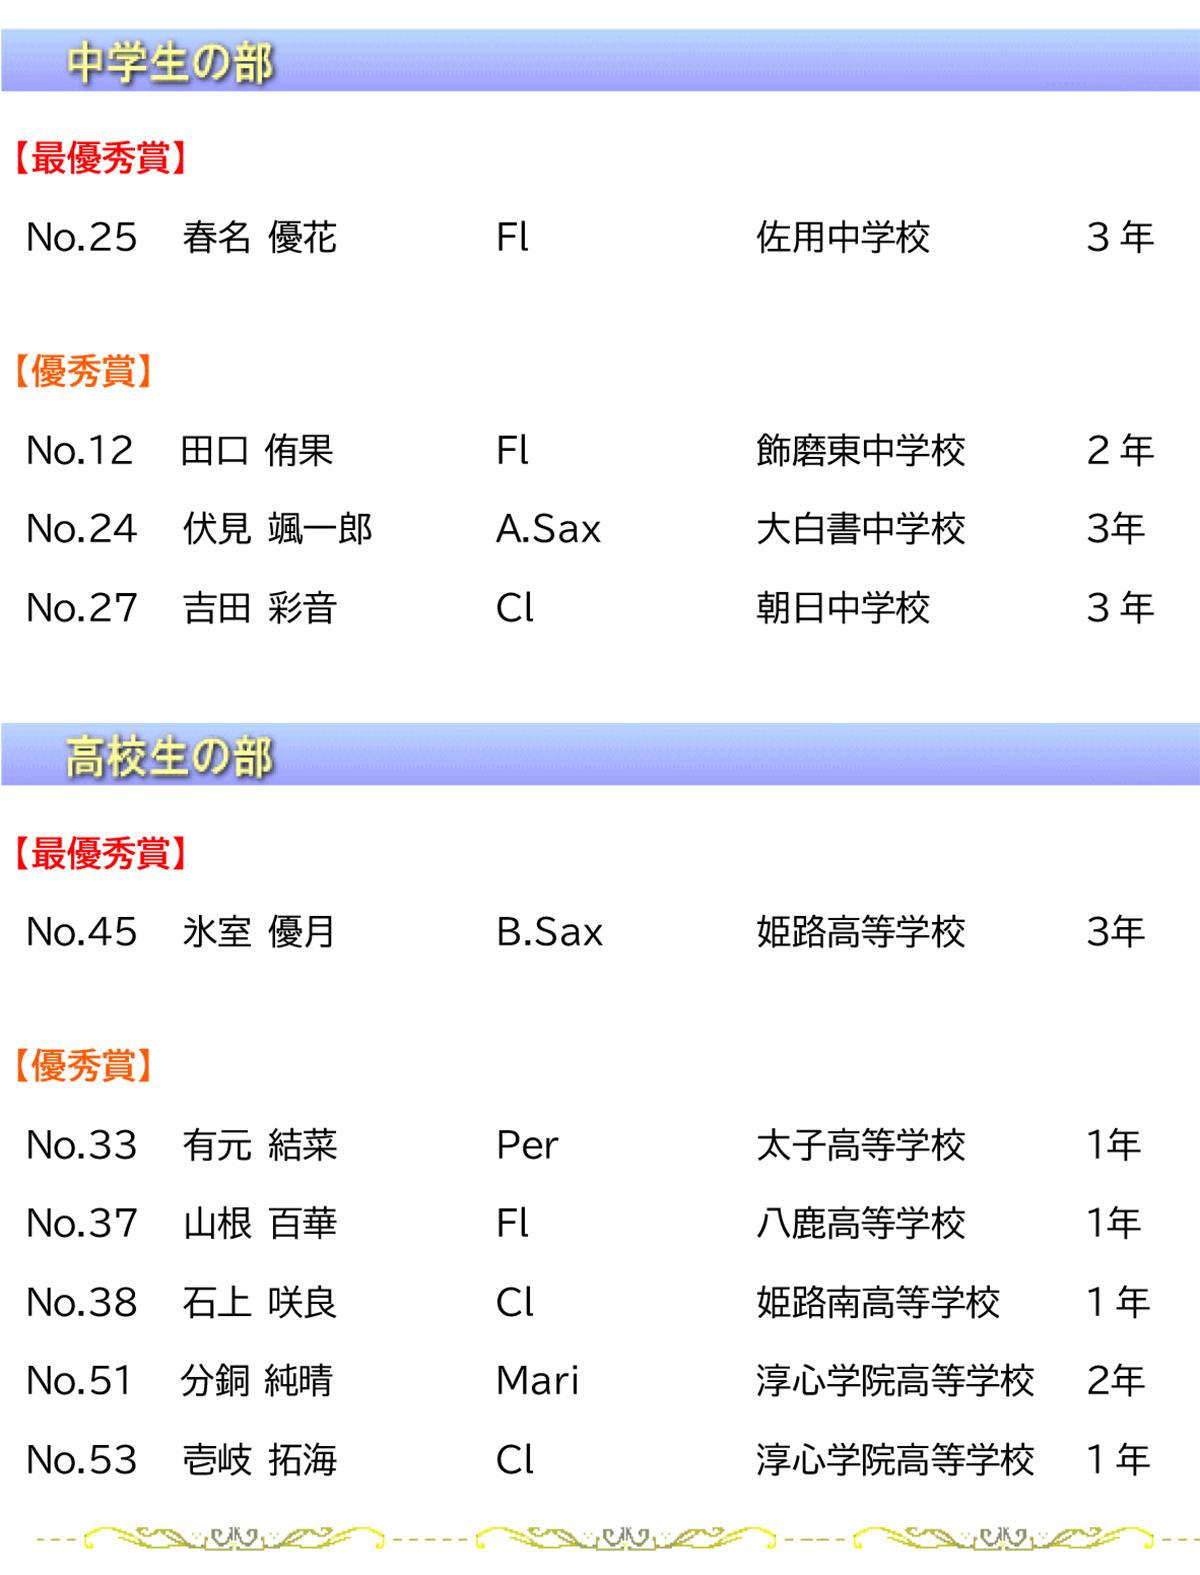 第35回 管打楽器ソロコンテスト 西播大会 ~審査結果~